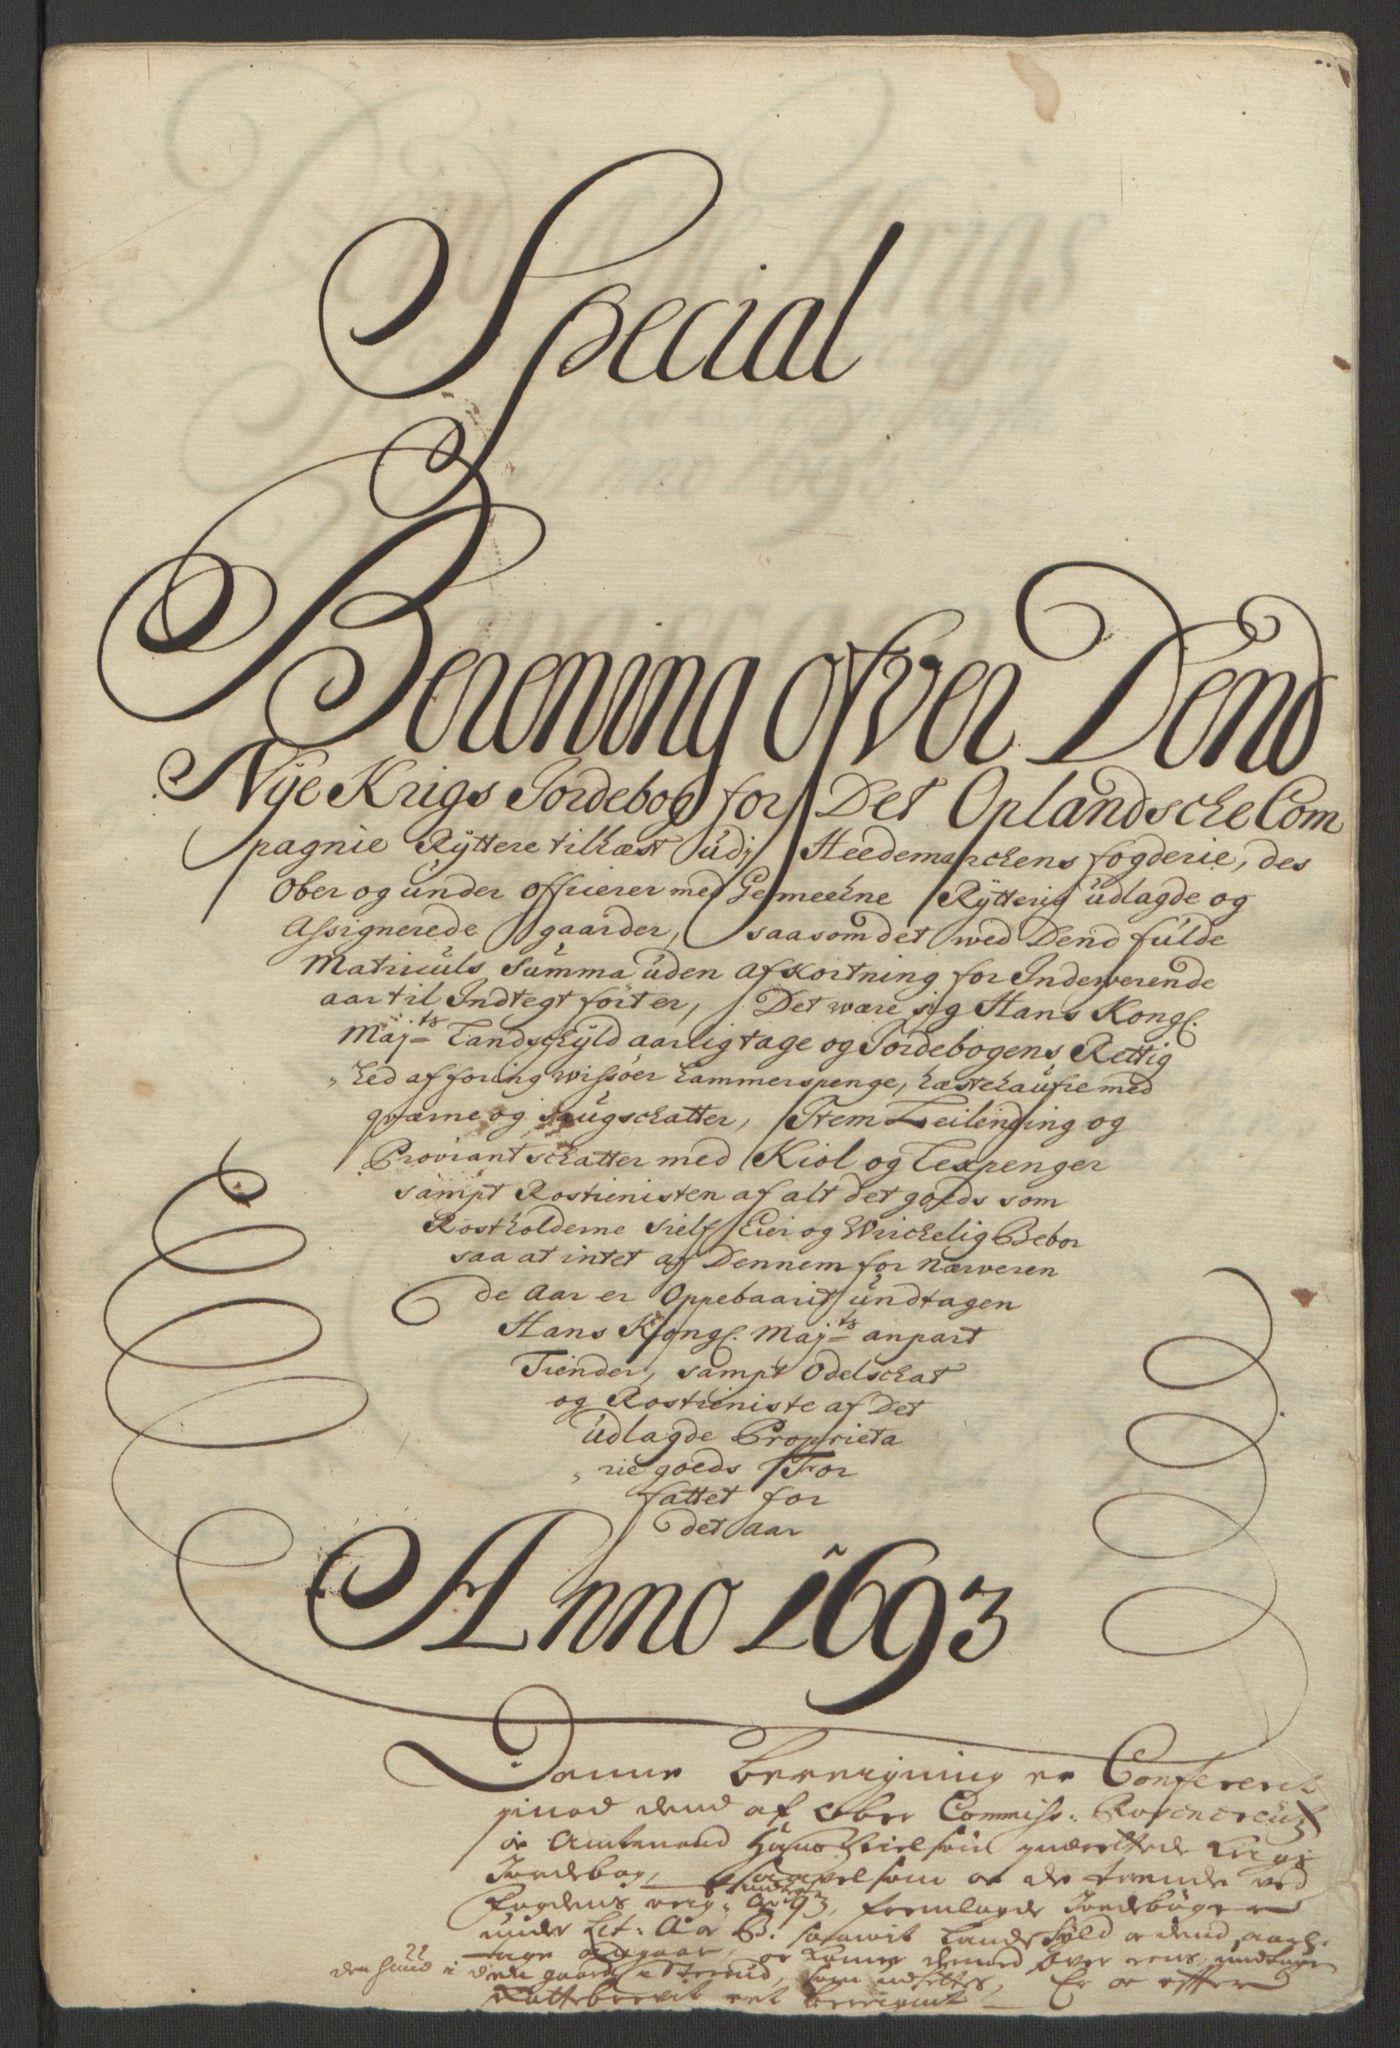 RA, Rentekammeret inntil 1814, Reviderte regnskaper, Fogderegnskap, R16/L1034: Fogderegnskap Hedmark, 1693, s. 132